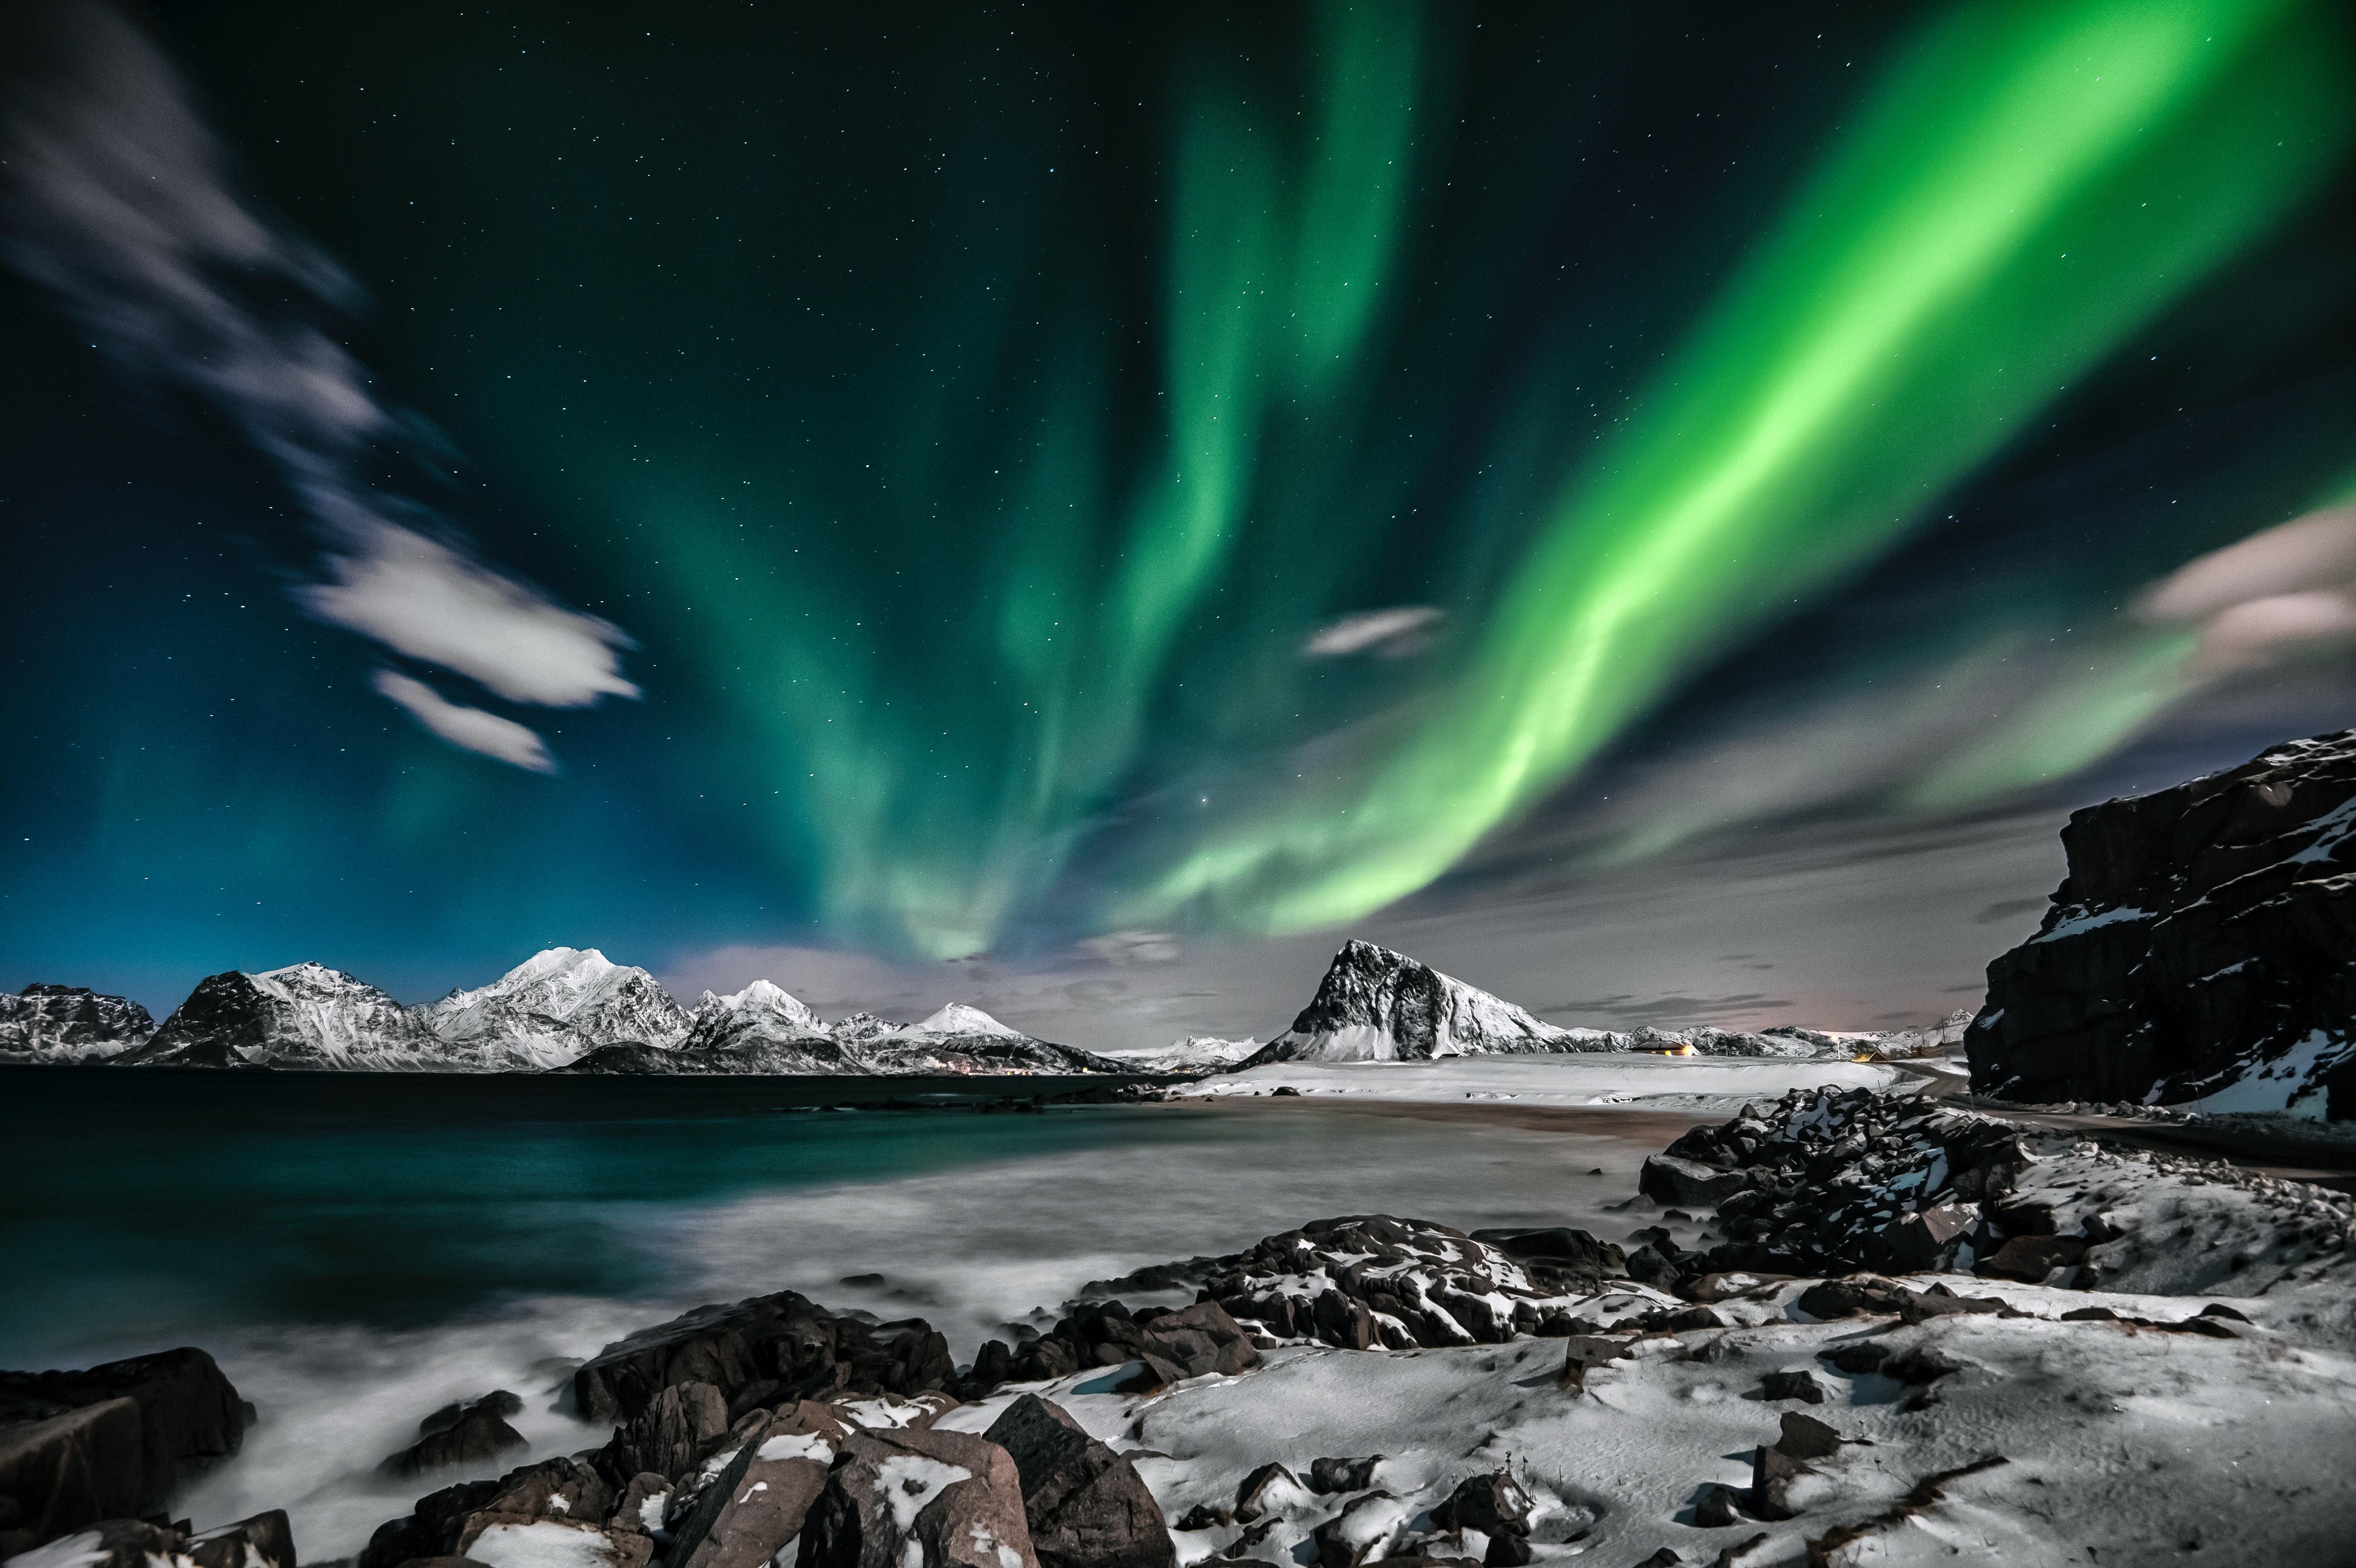 Aurora Borealis 183 Free Stock Photo